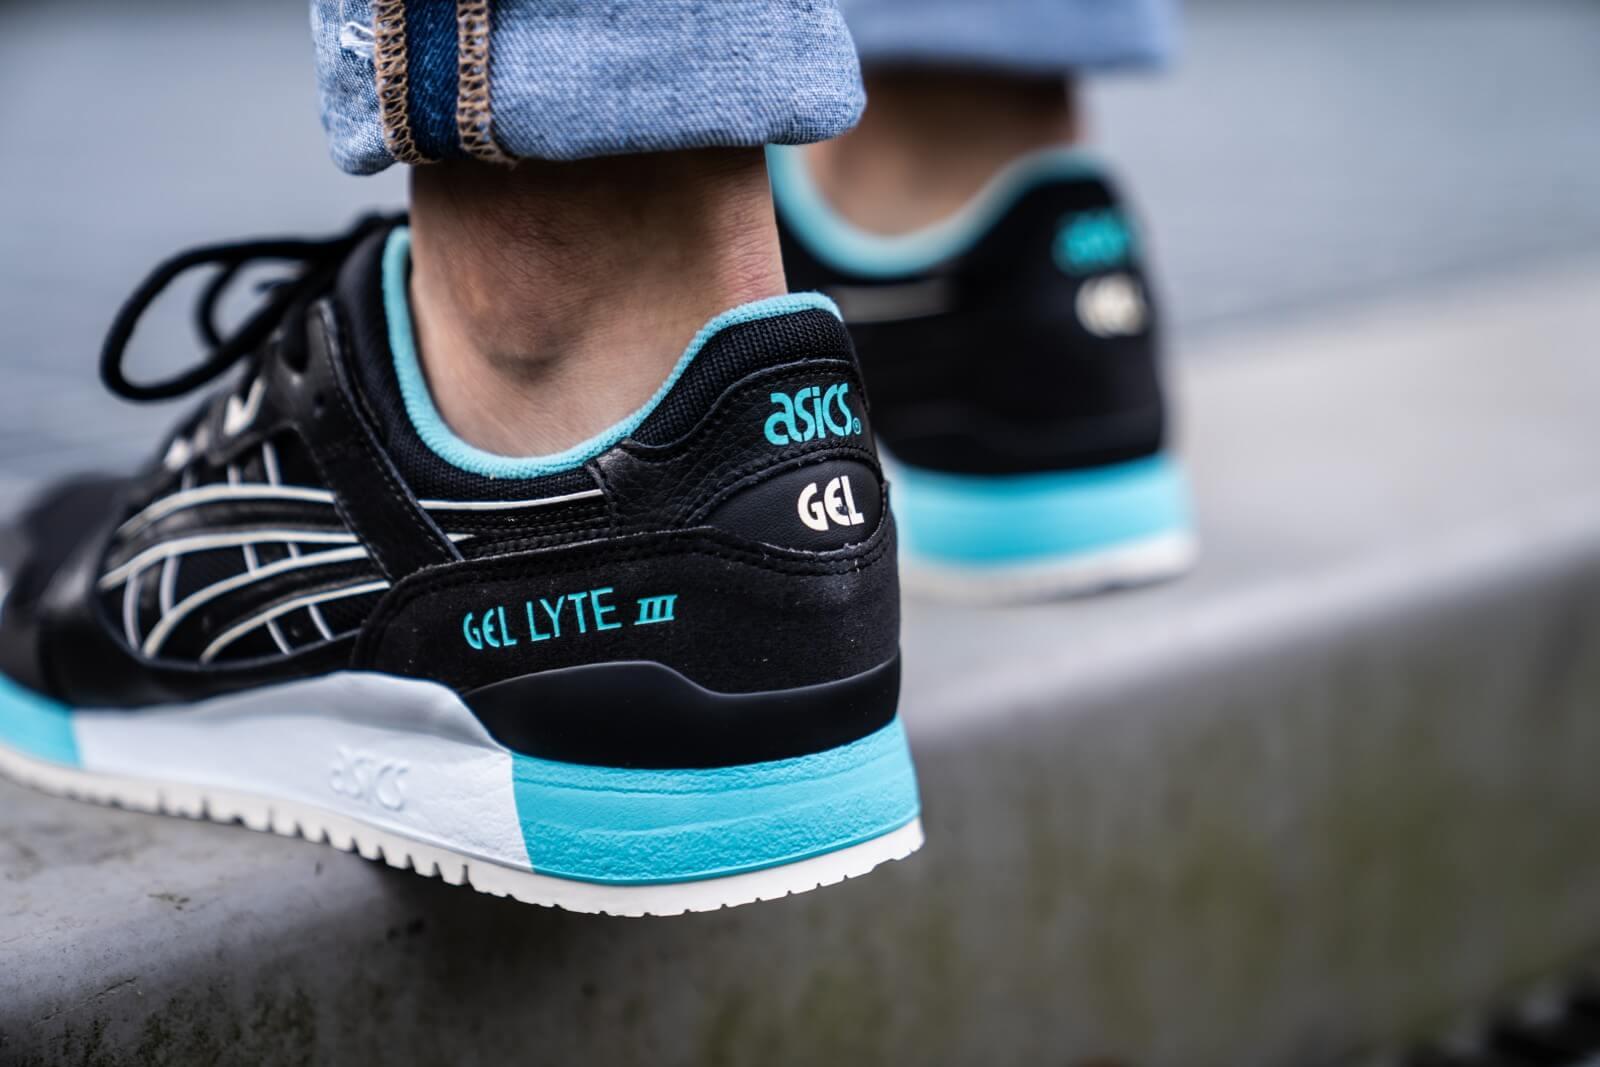 Asics GEL-LYTE III Black/White-Blue